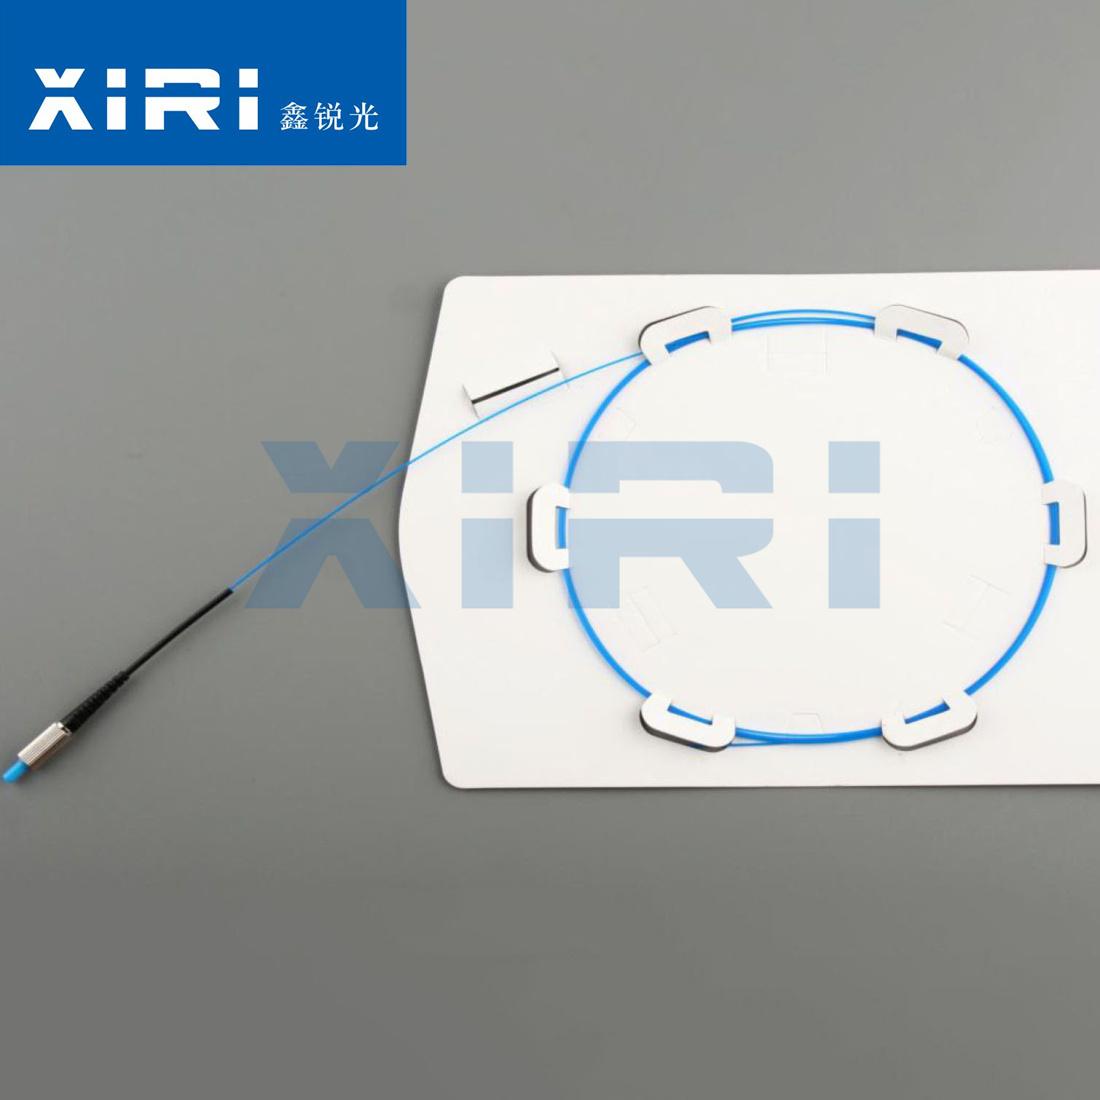 1 fiber quartz fiber bundle SMA905 1m 400μm Y-type fiber optic 1-7 fiber 6